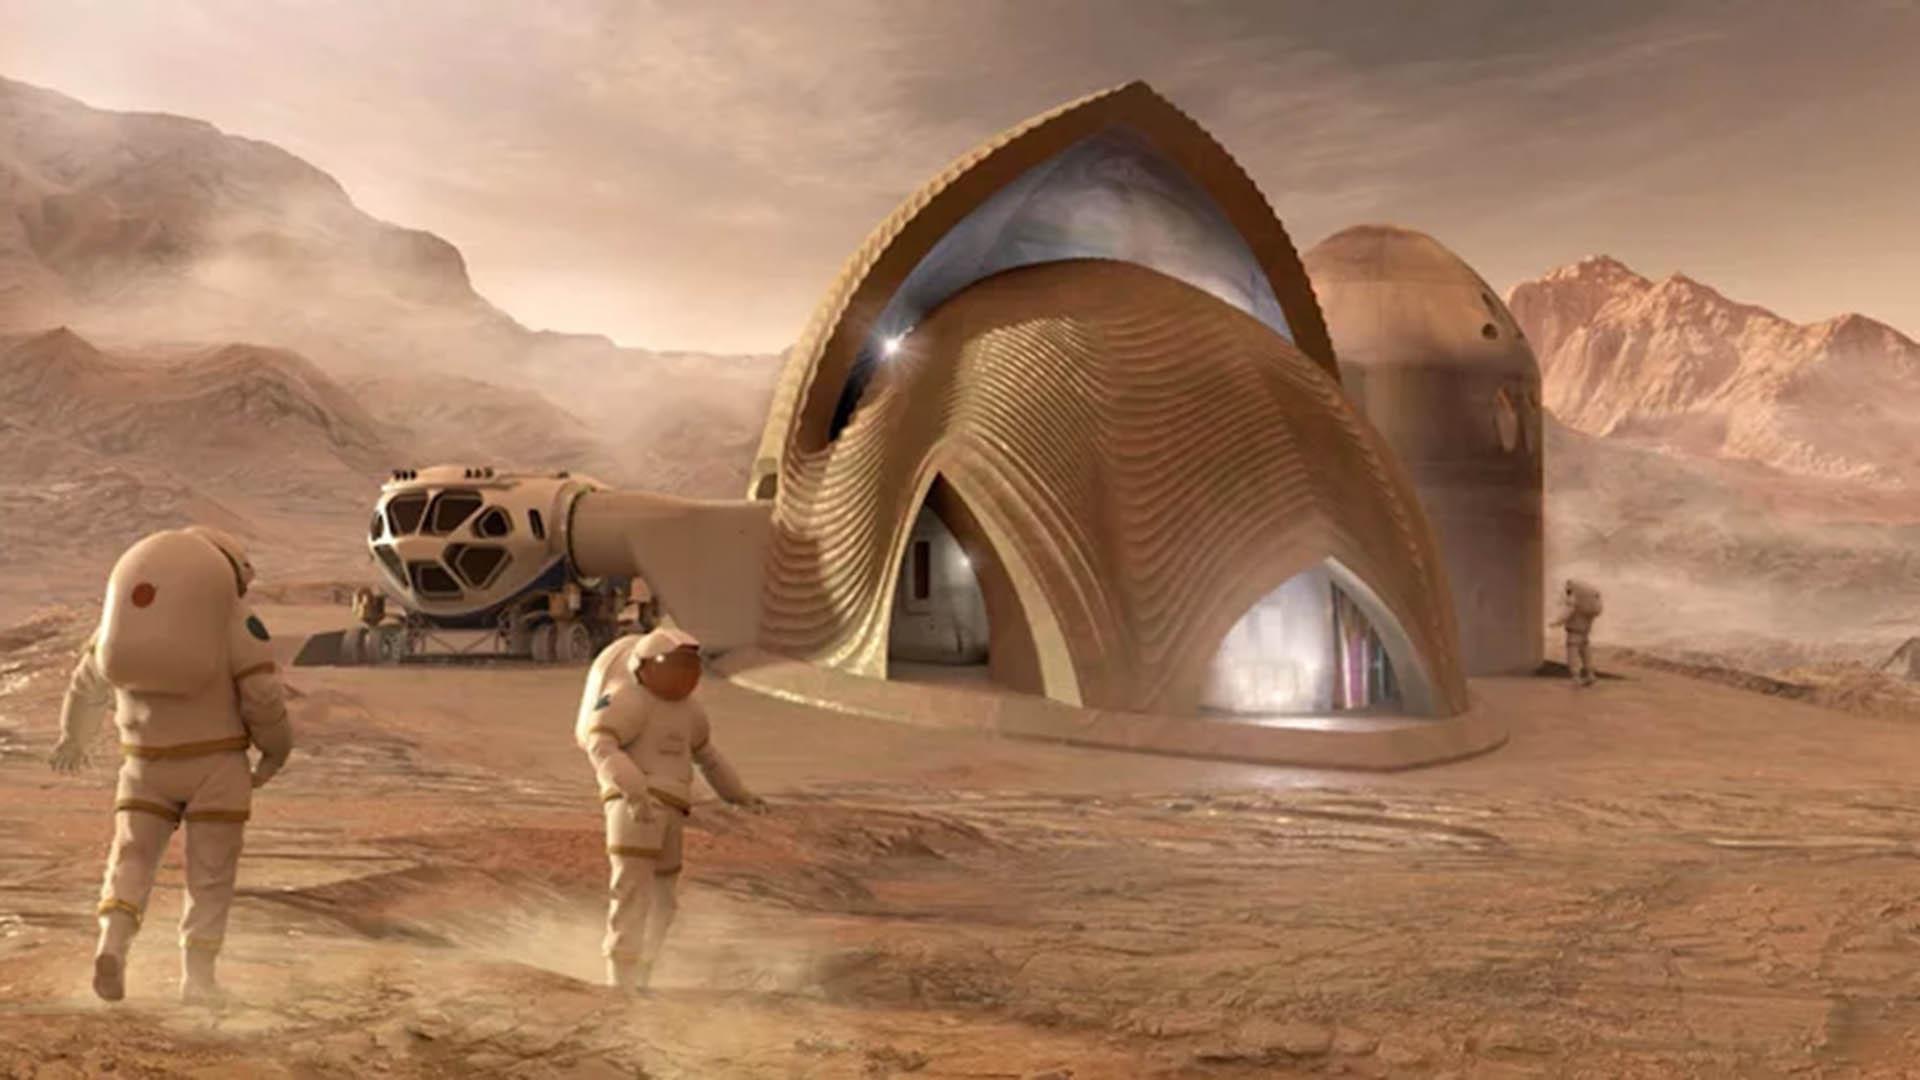 La NASA puso fecha para el envío de hombres a Marte - Infobae